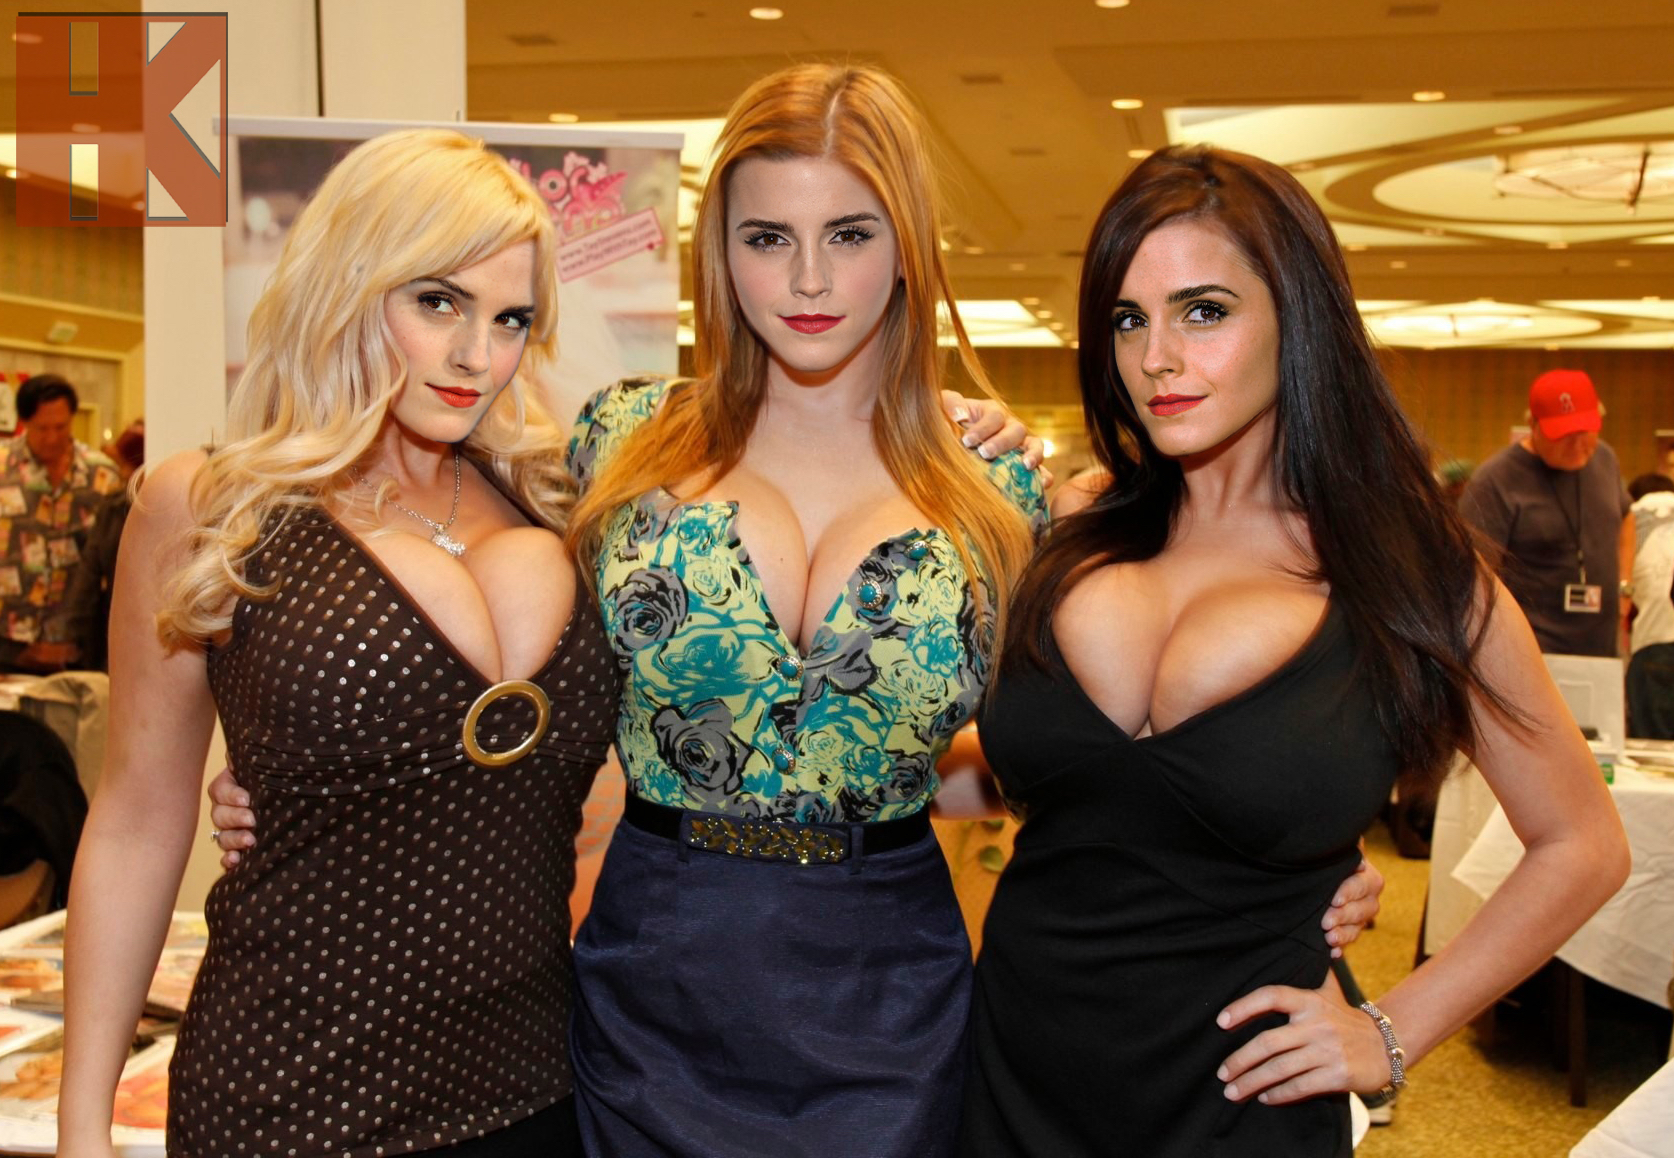 У русской девочки большие сиськи, Русское порно видео с тегом РусскоеБольшие сиськи 27 фотография